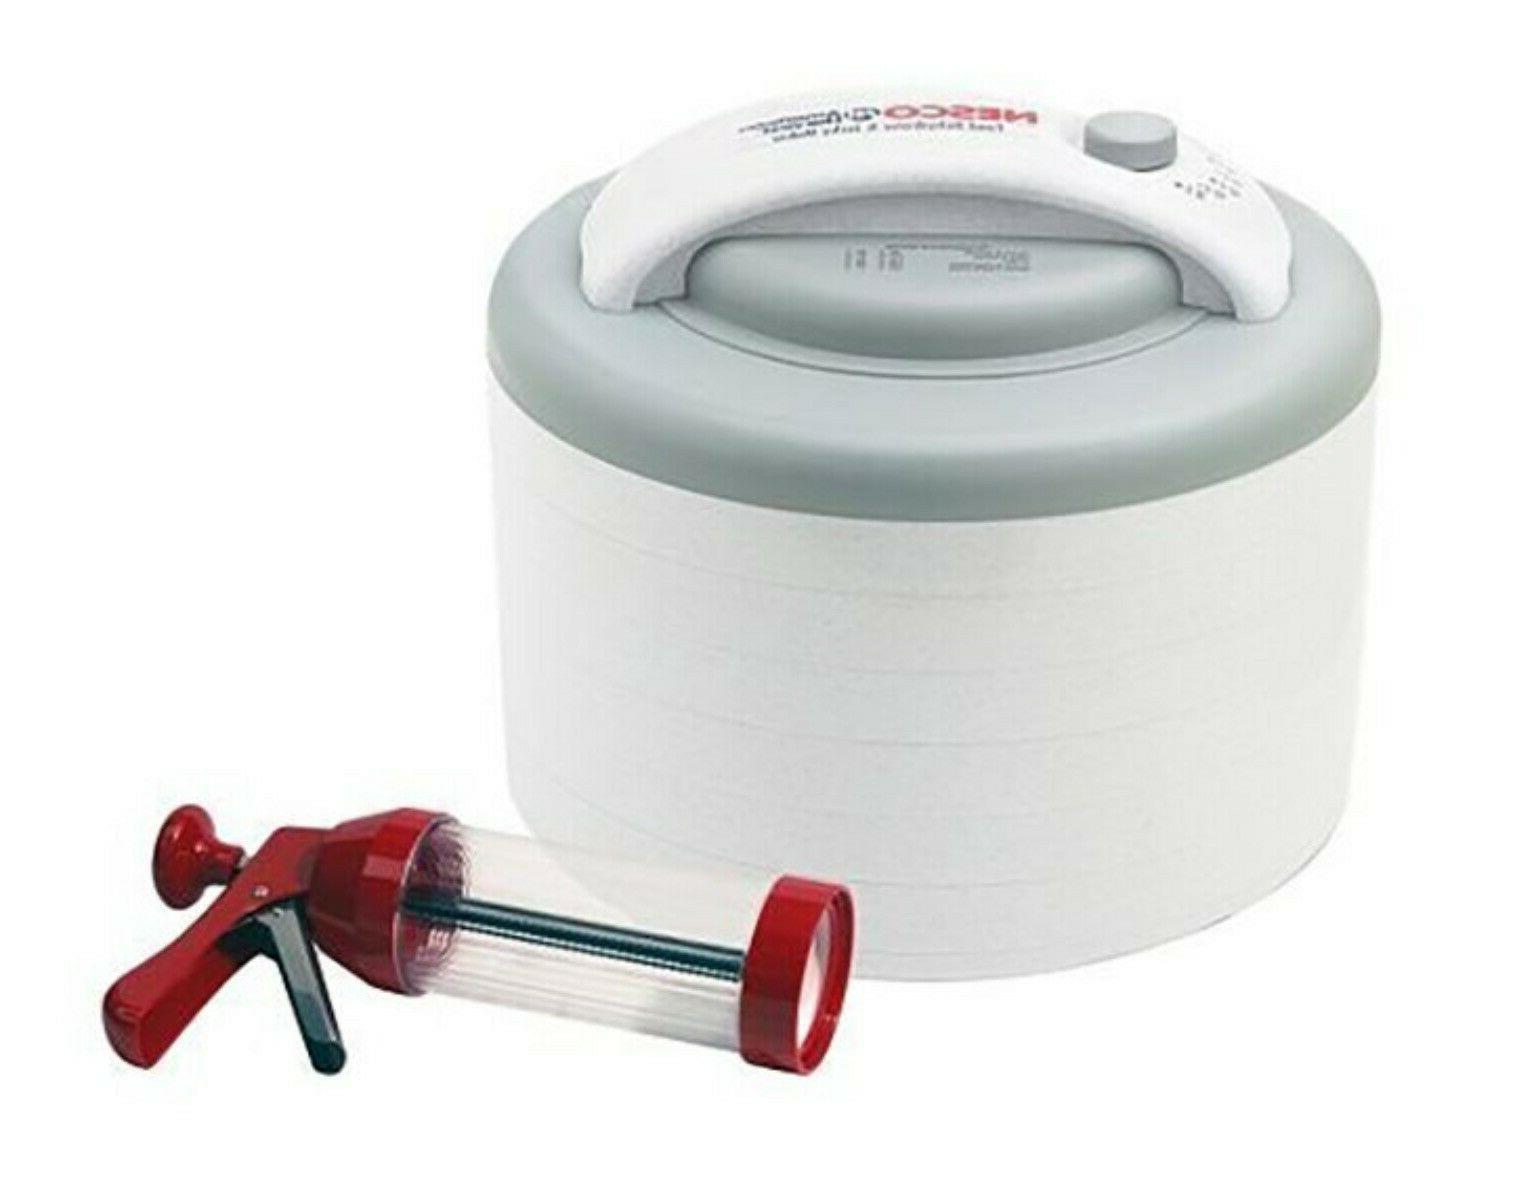 500 watt 6 tray food dehydrator model